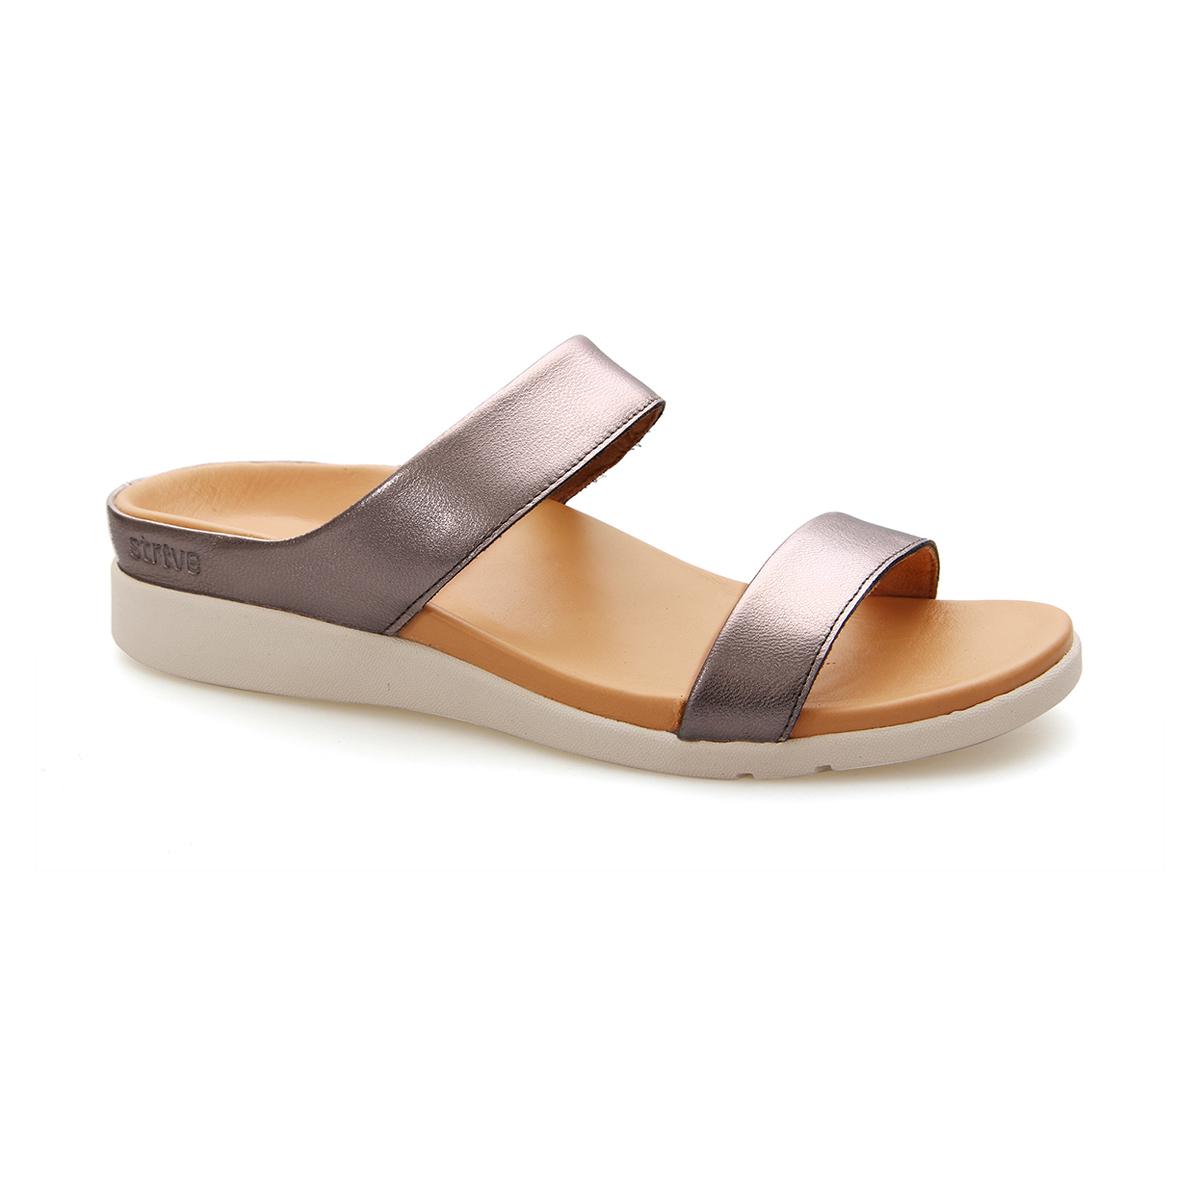 スニーカー感覚で歩き回れる「サンダル」|FARO (25-25.5cm) 独自開発の立体インソールで、スニーカーみたいに歩き回れる「サンダル」|strive